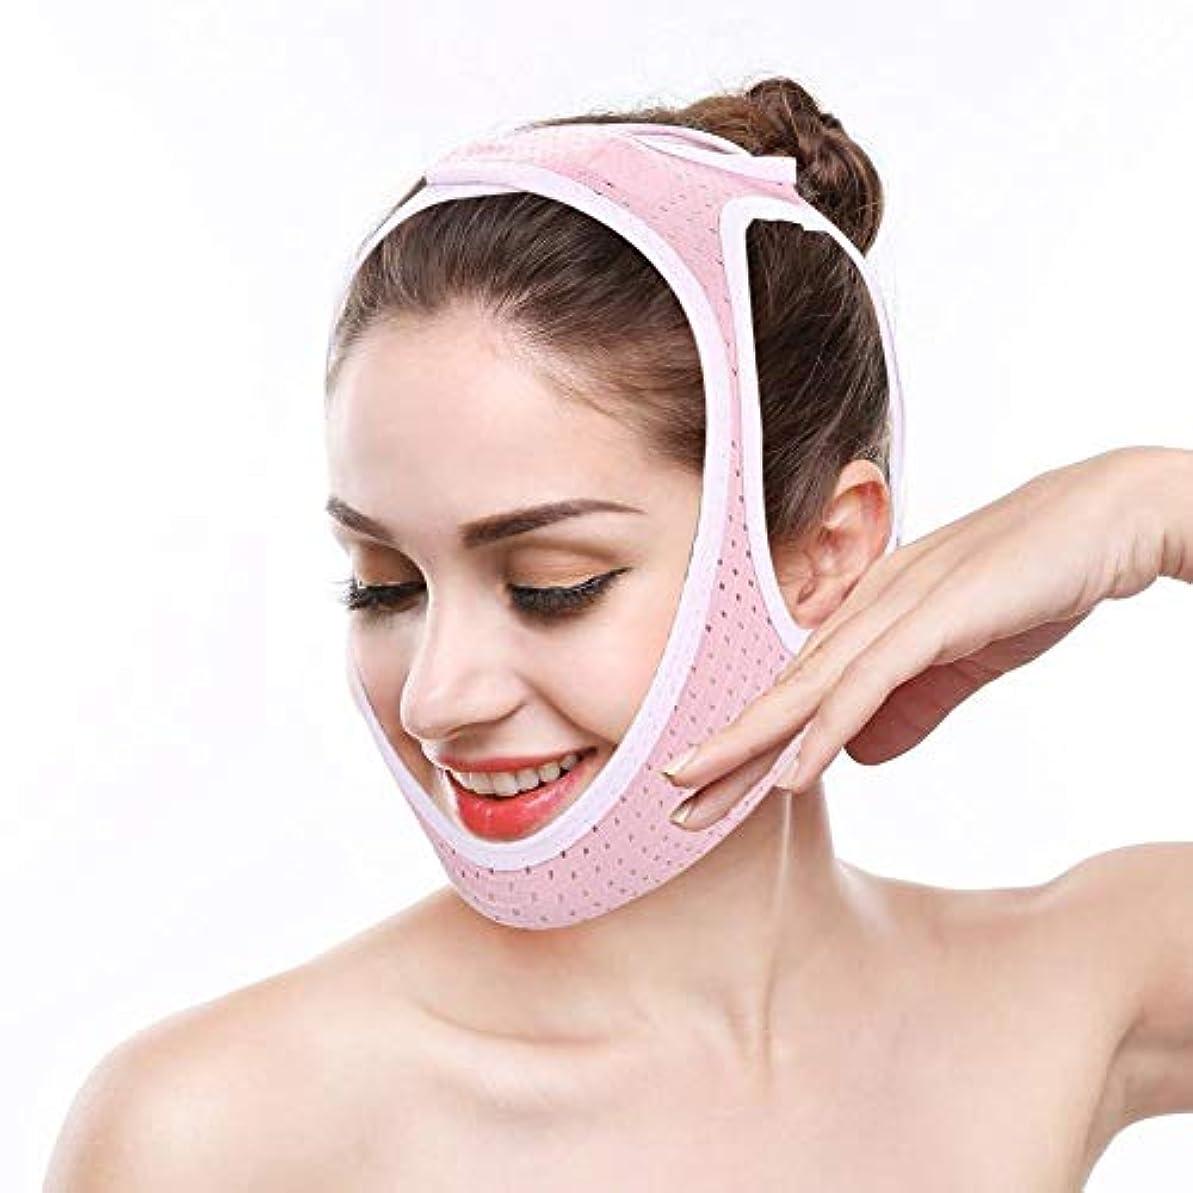 テメリティメッシュ支援二重あごを減らすための減量用フェイスマスク、減量用フェイスマスク(L)